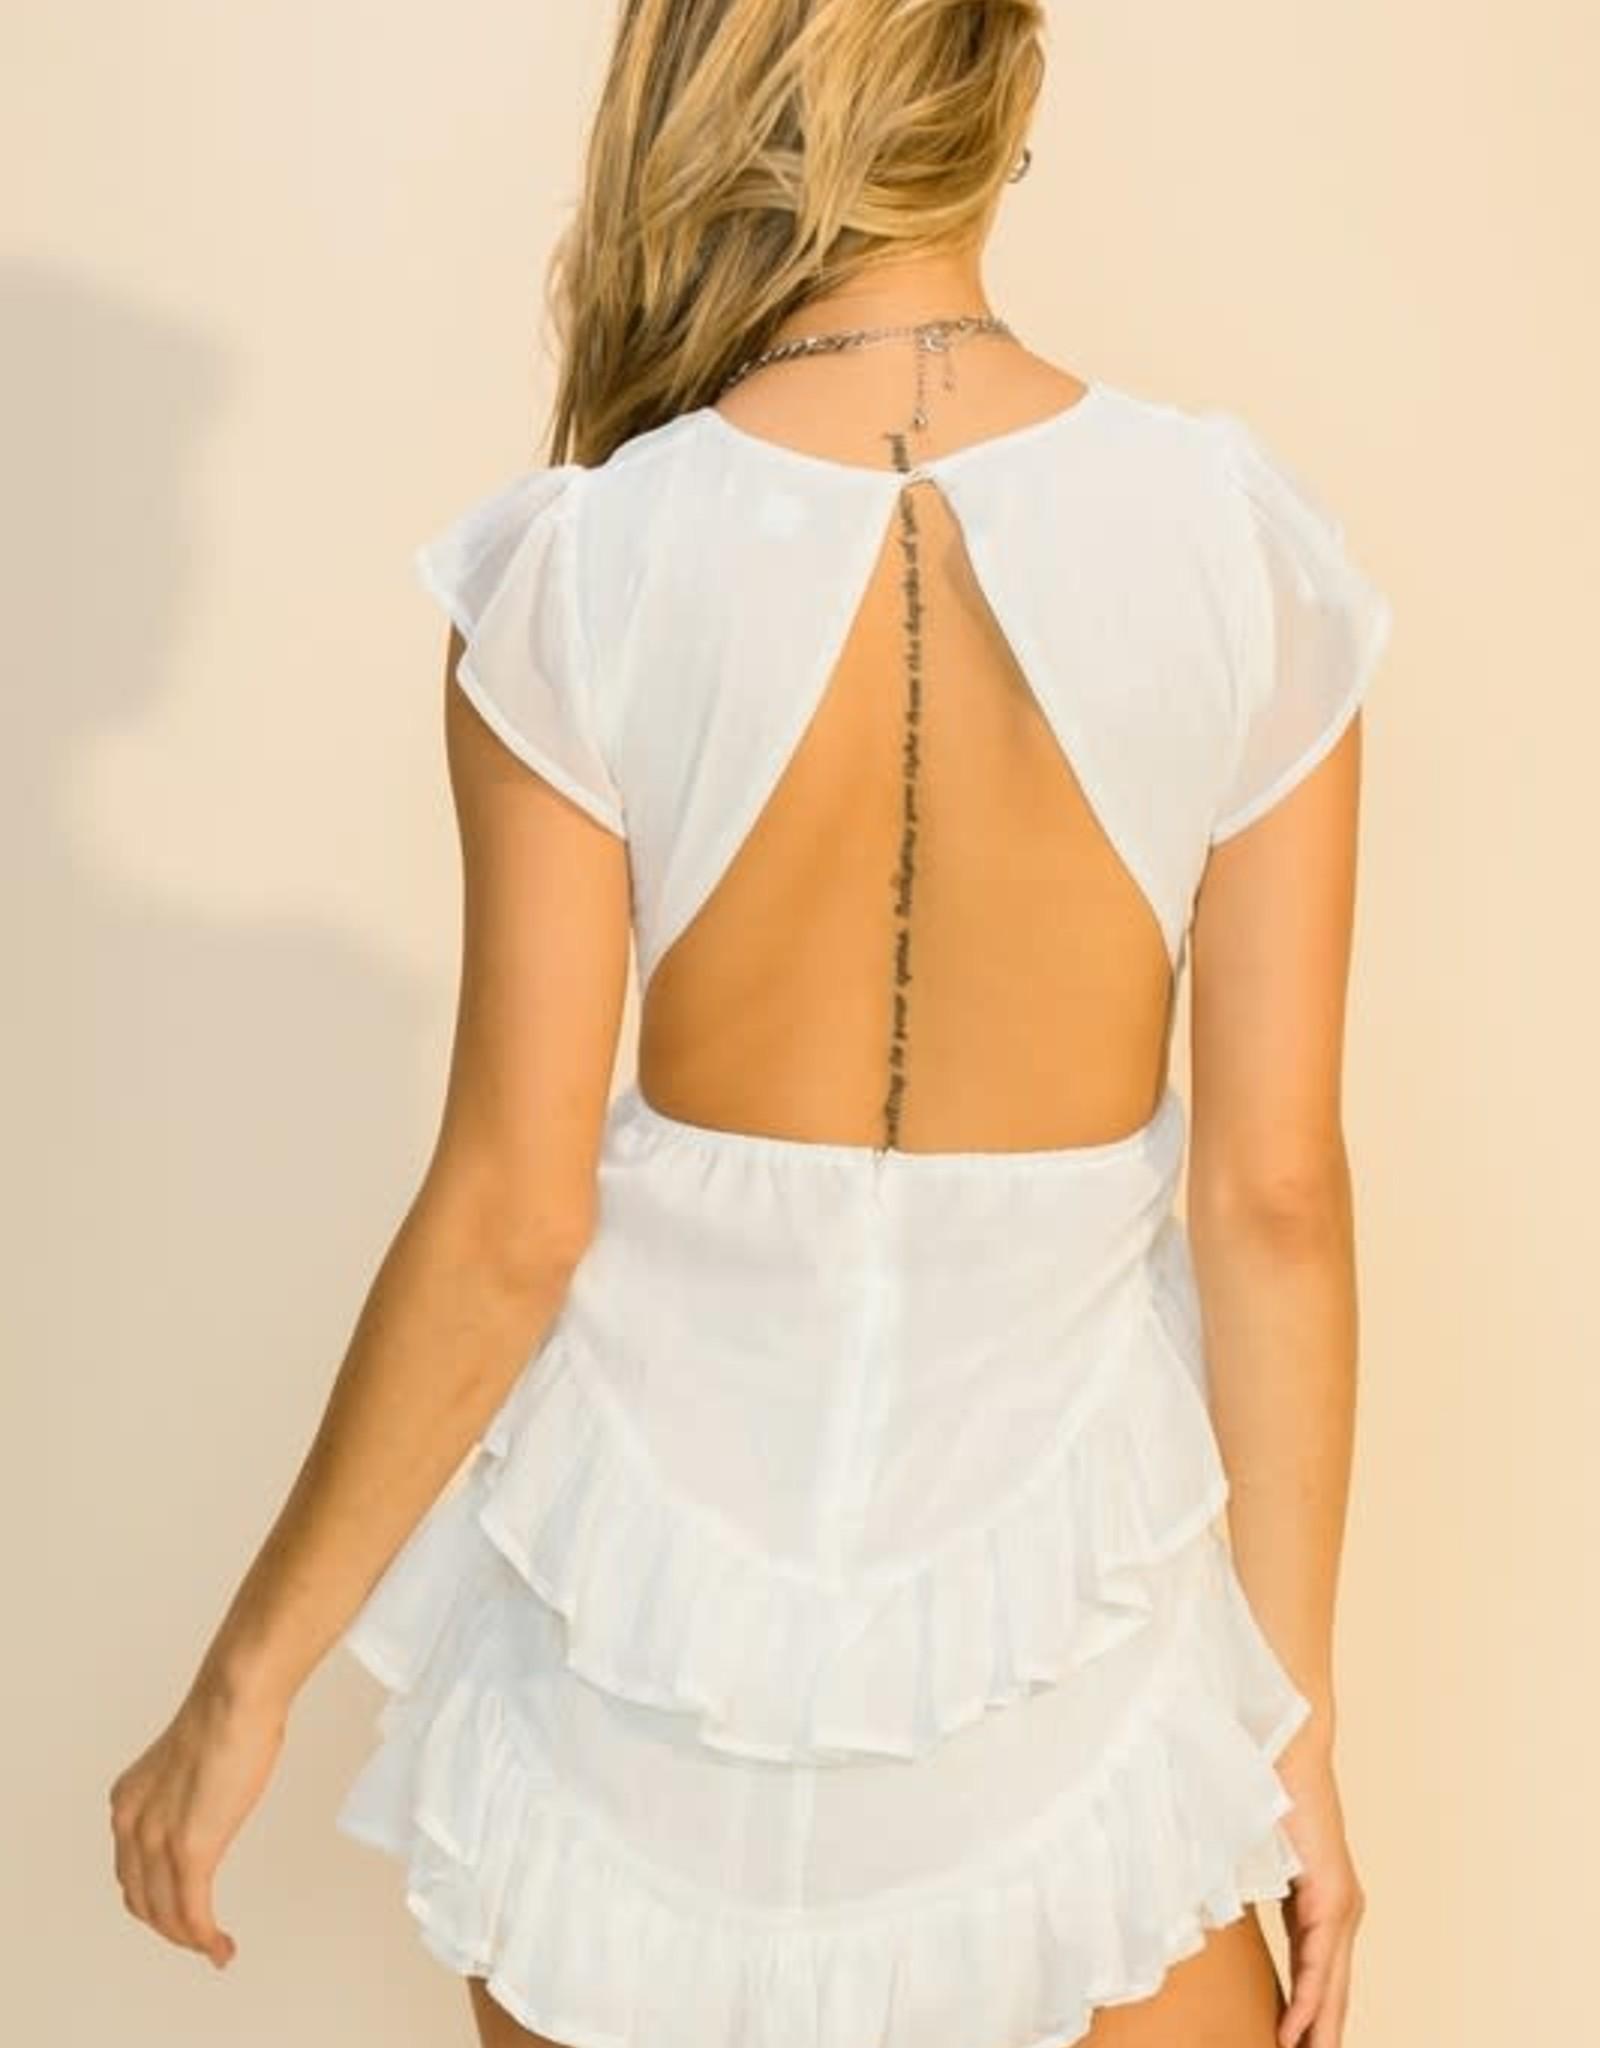 Next Chapter Dress